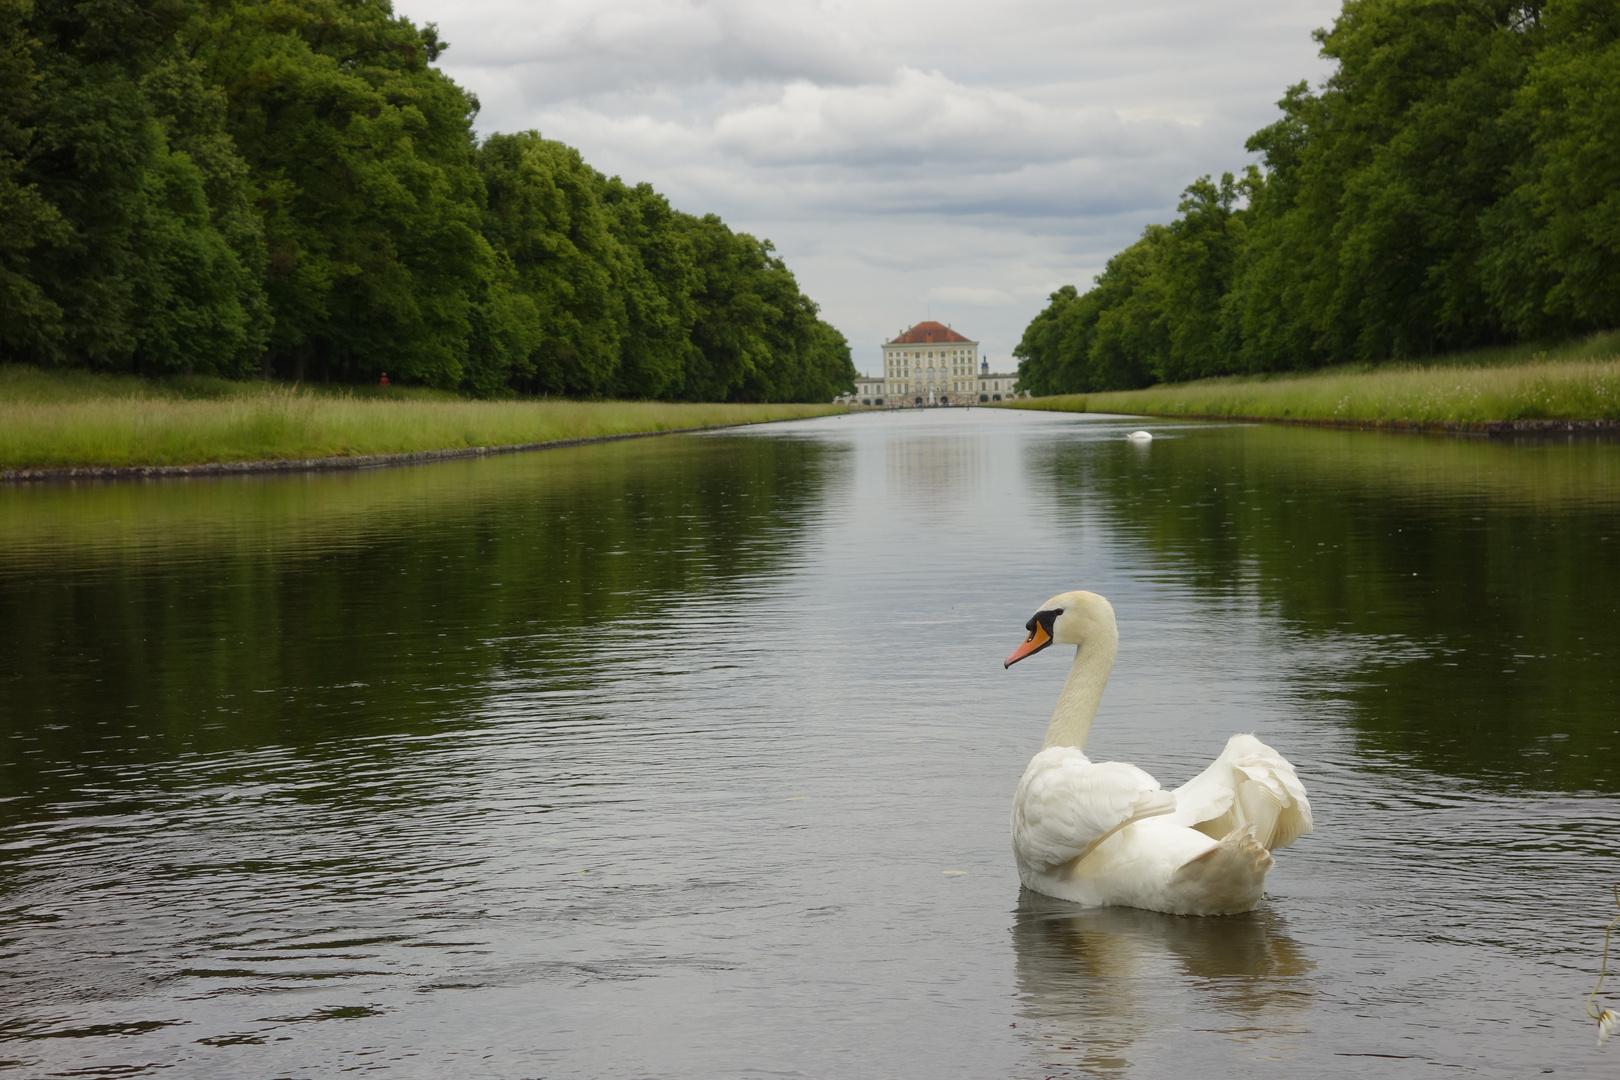 Schwan Nymphenburger Schlosspark